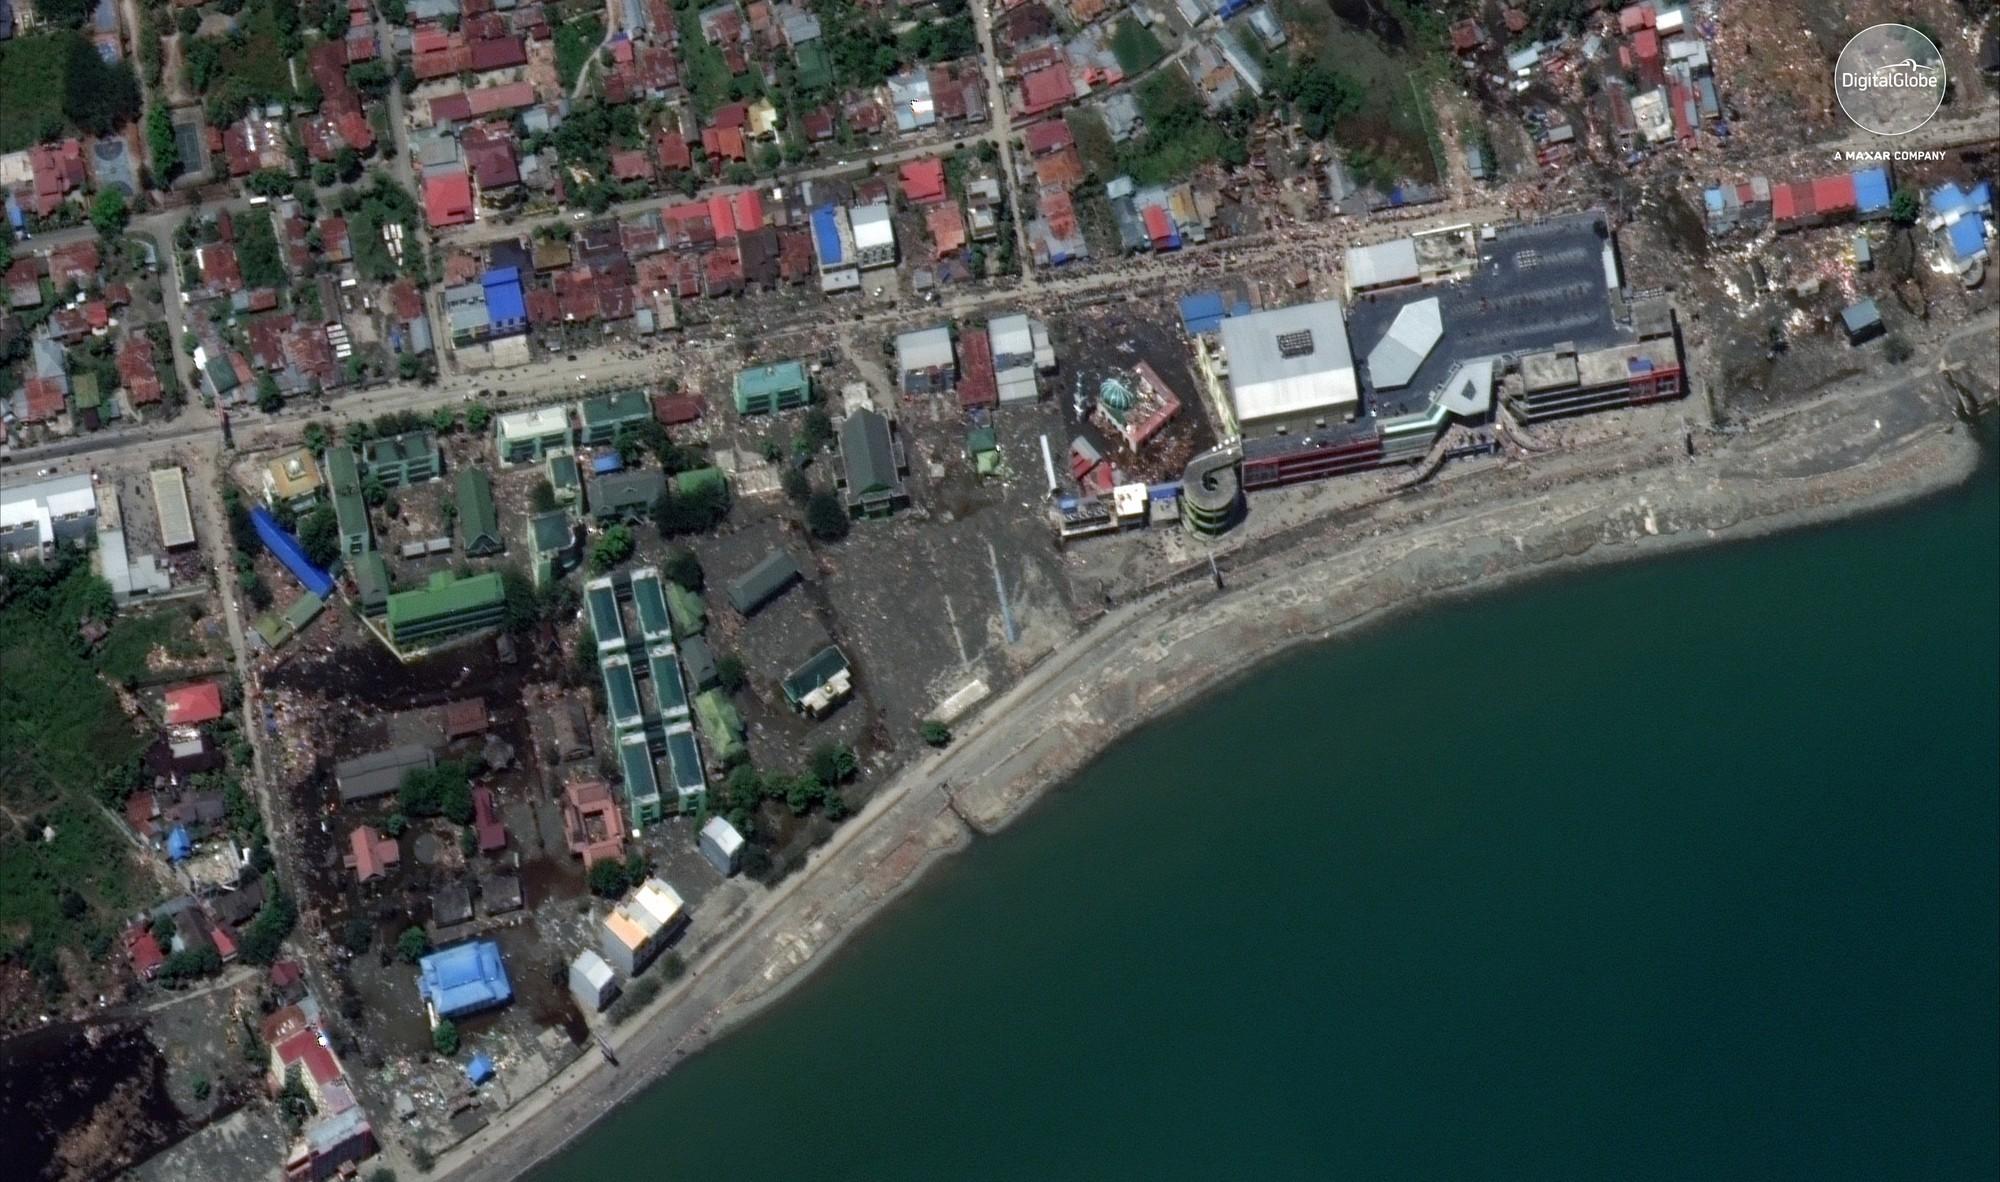 Bộ ảnh trước - sau này sẽ cho bạn thấy trận động đất khiến ít nhất 1.200 người chết ở Palu, Indonesia khủng khiếp như thế nào - Ảnh 5.